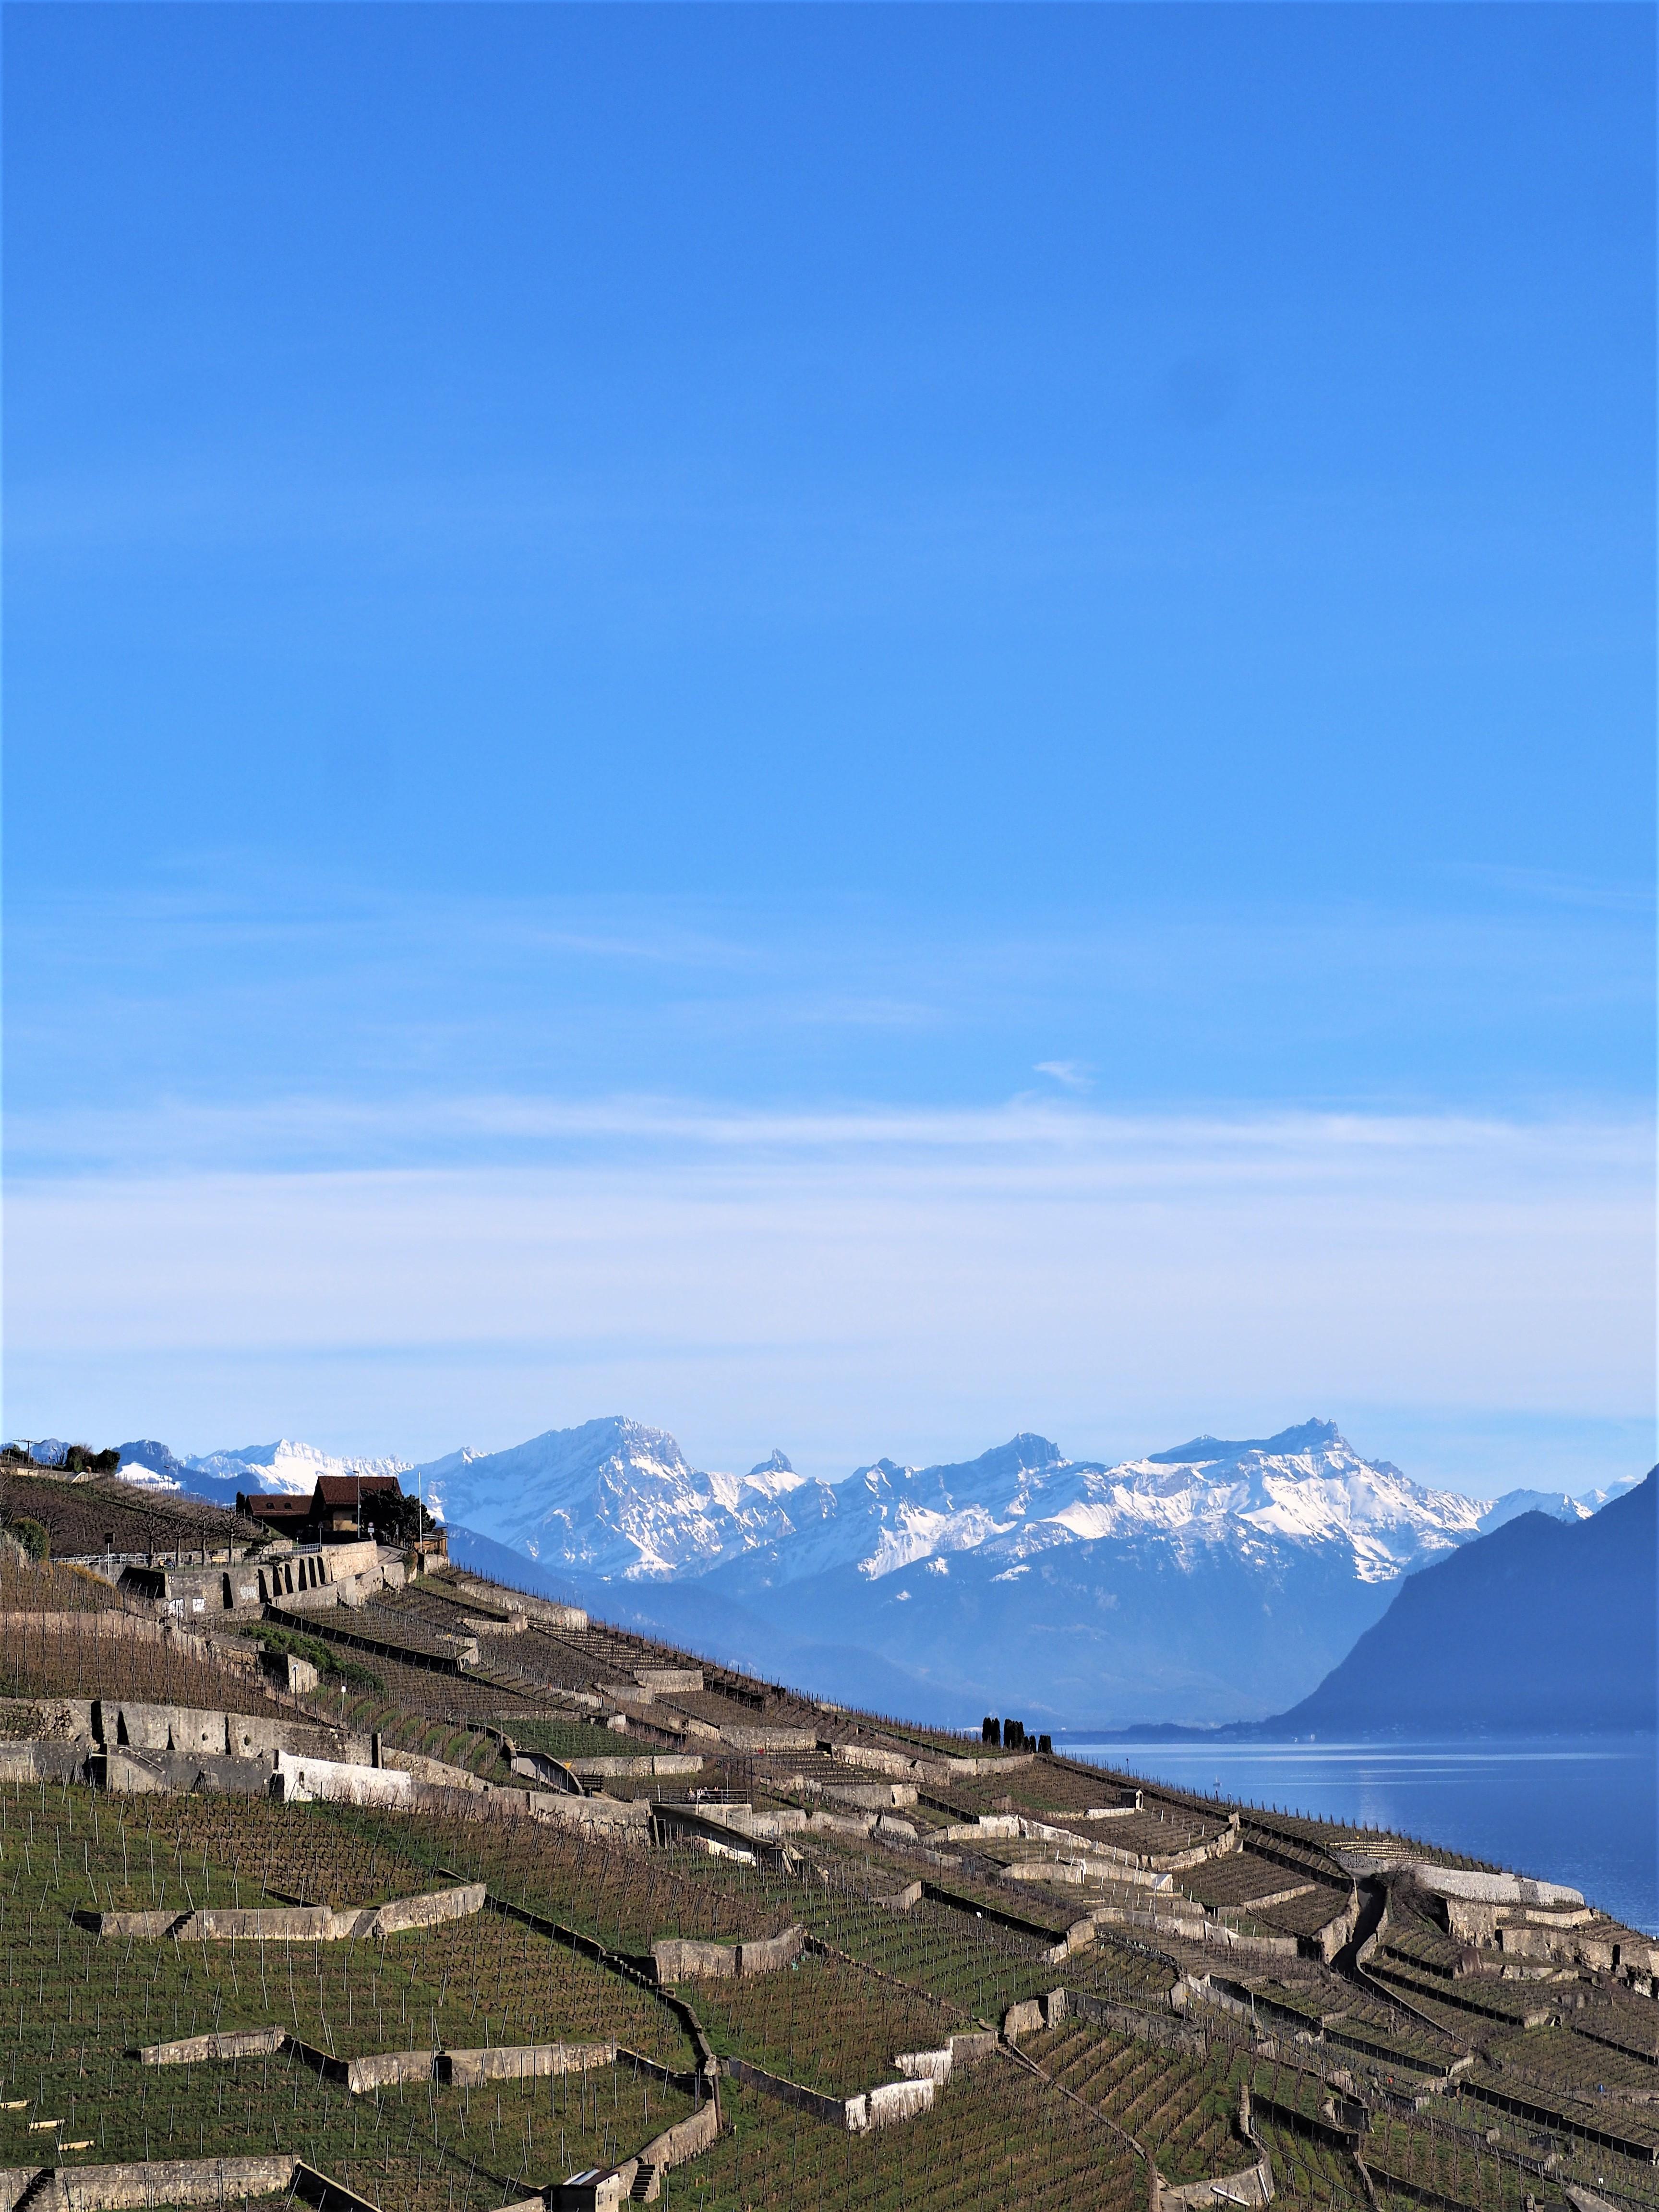 vignoble-en-terrasses-lavaux-Clioandco-blog-voyage-lausanne-suisse-canton-de-vaud.